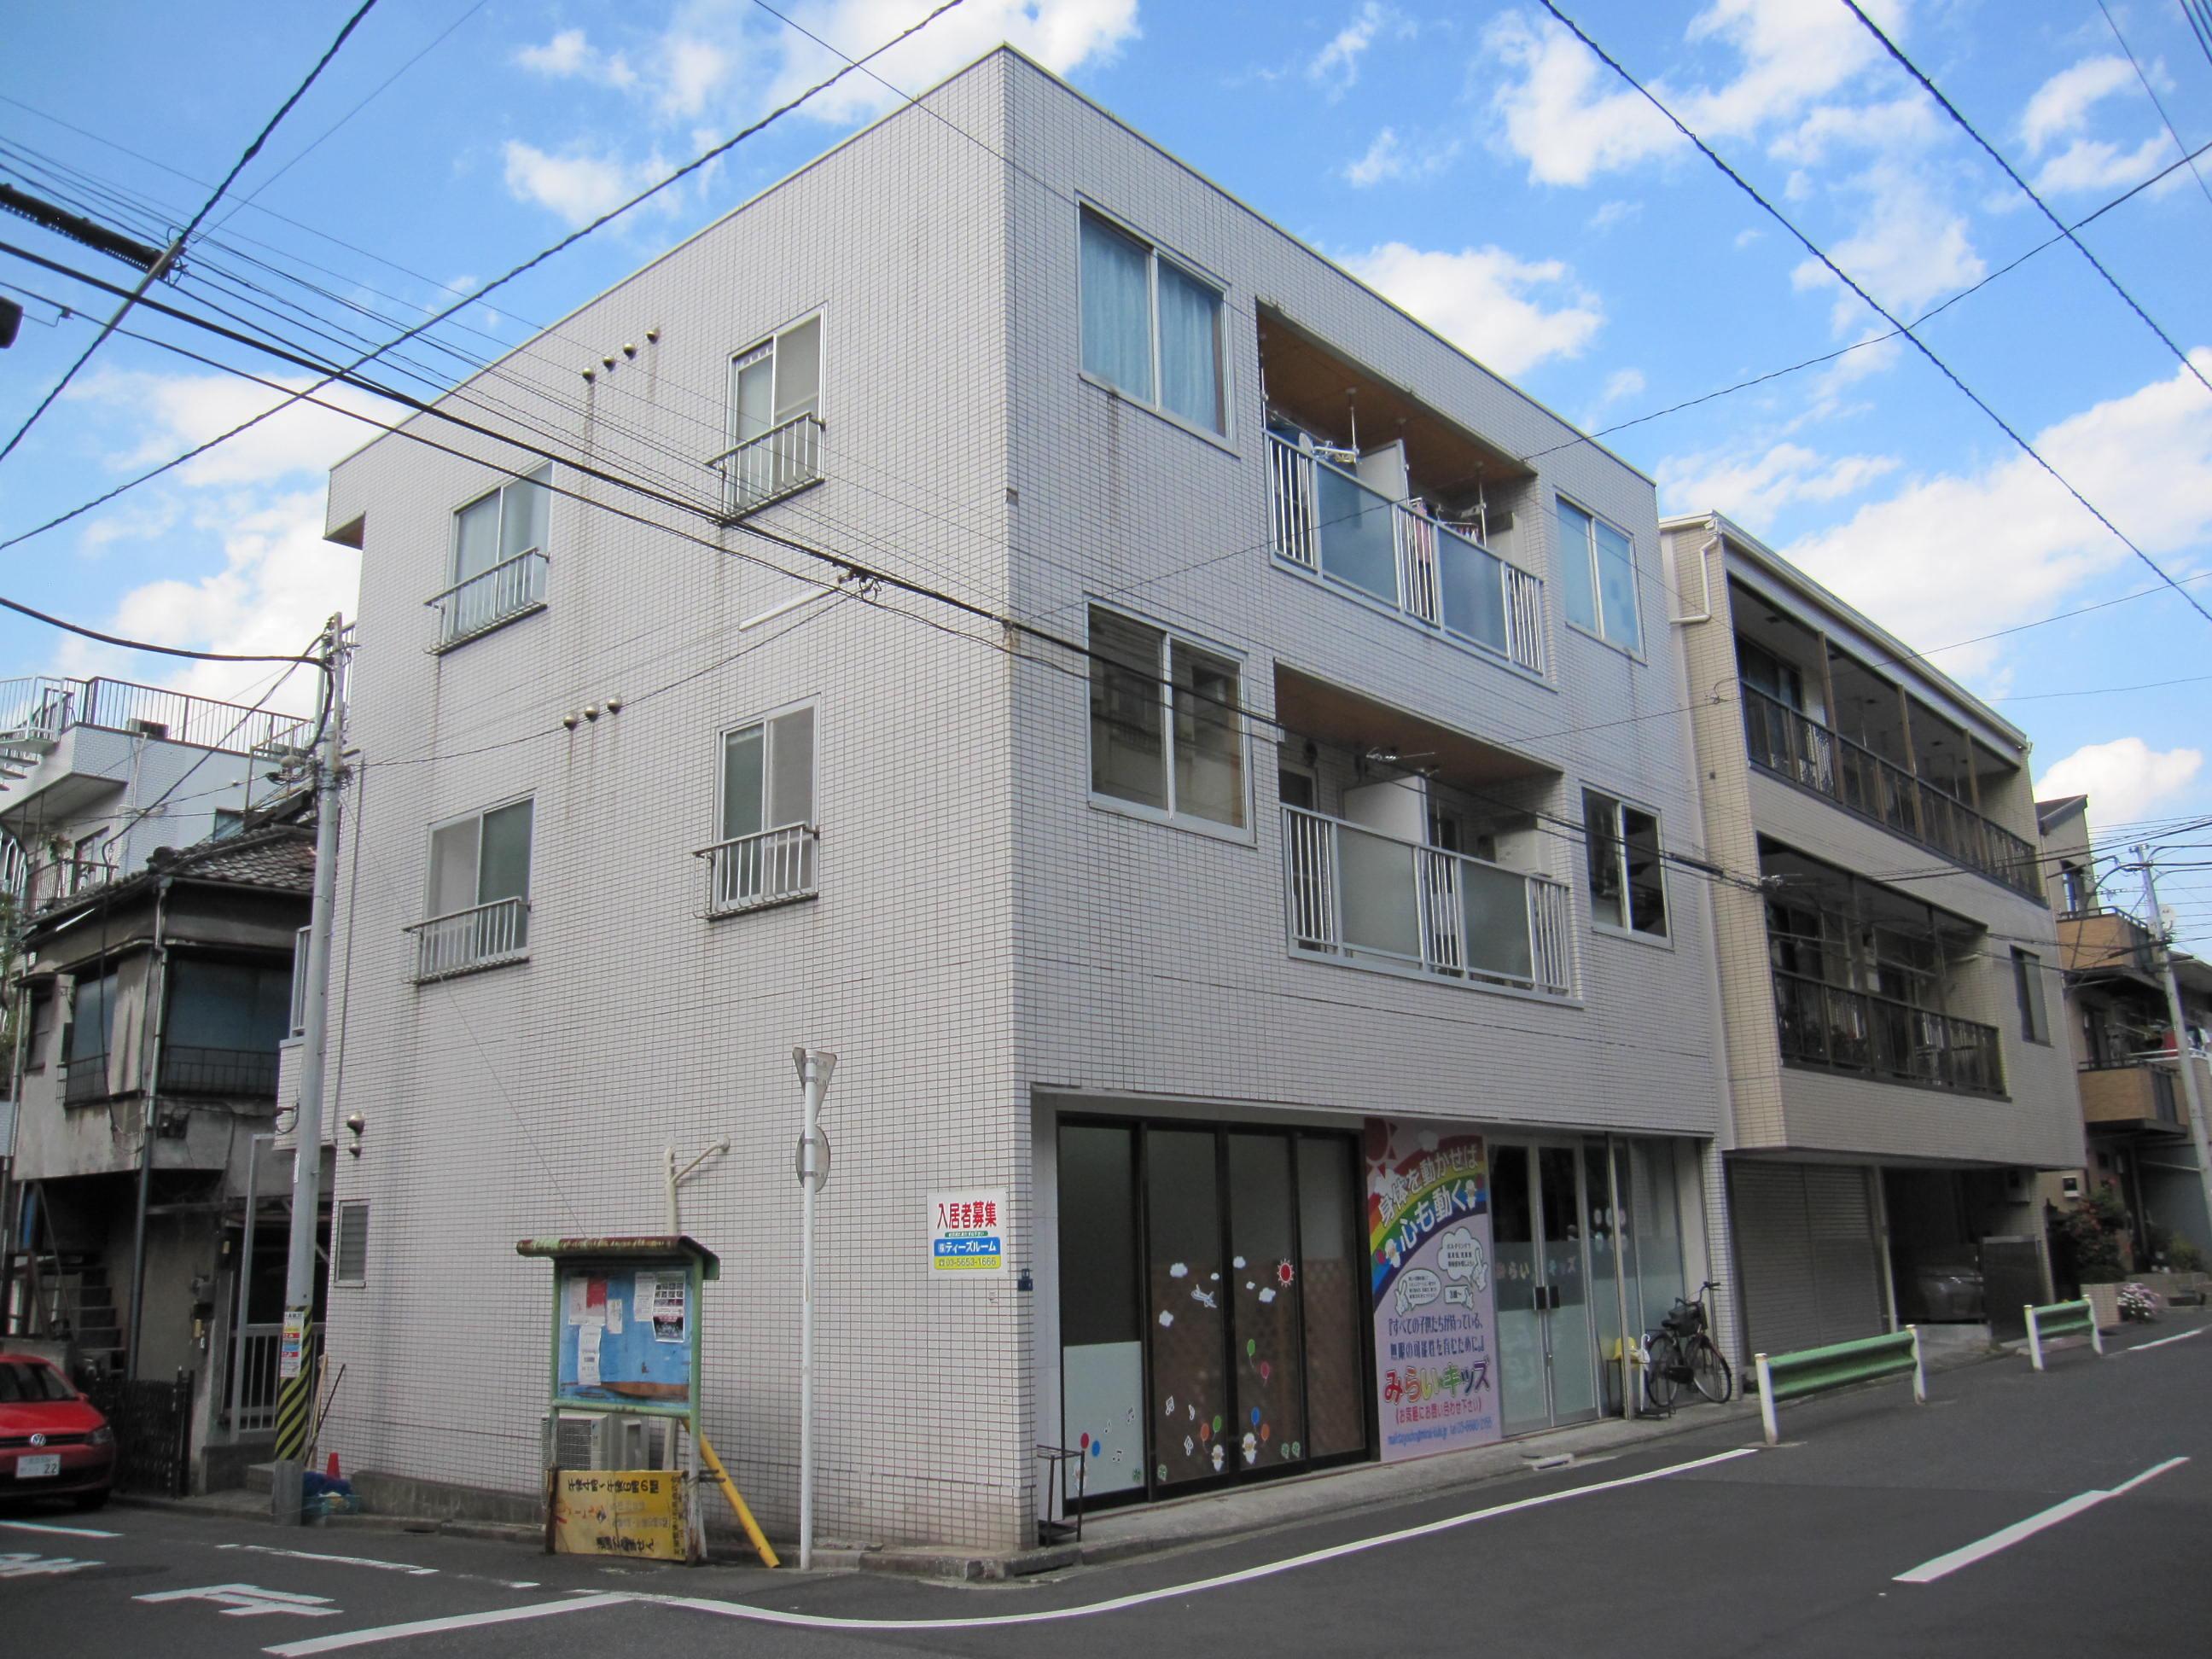 東京都江東区 株式会社ティーズルーム 販売事例2012年